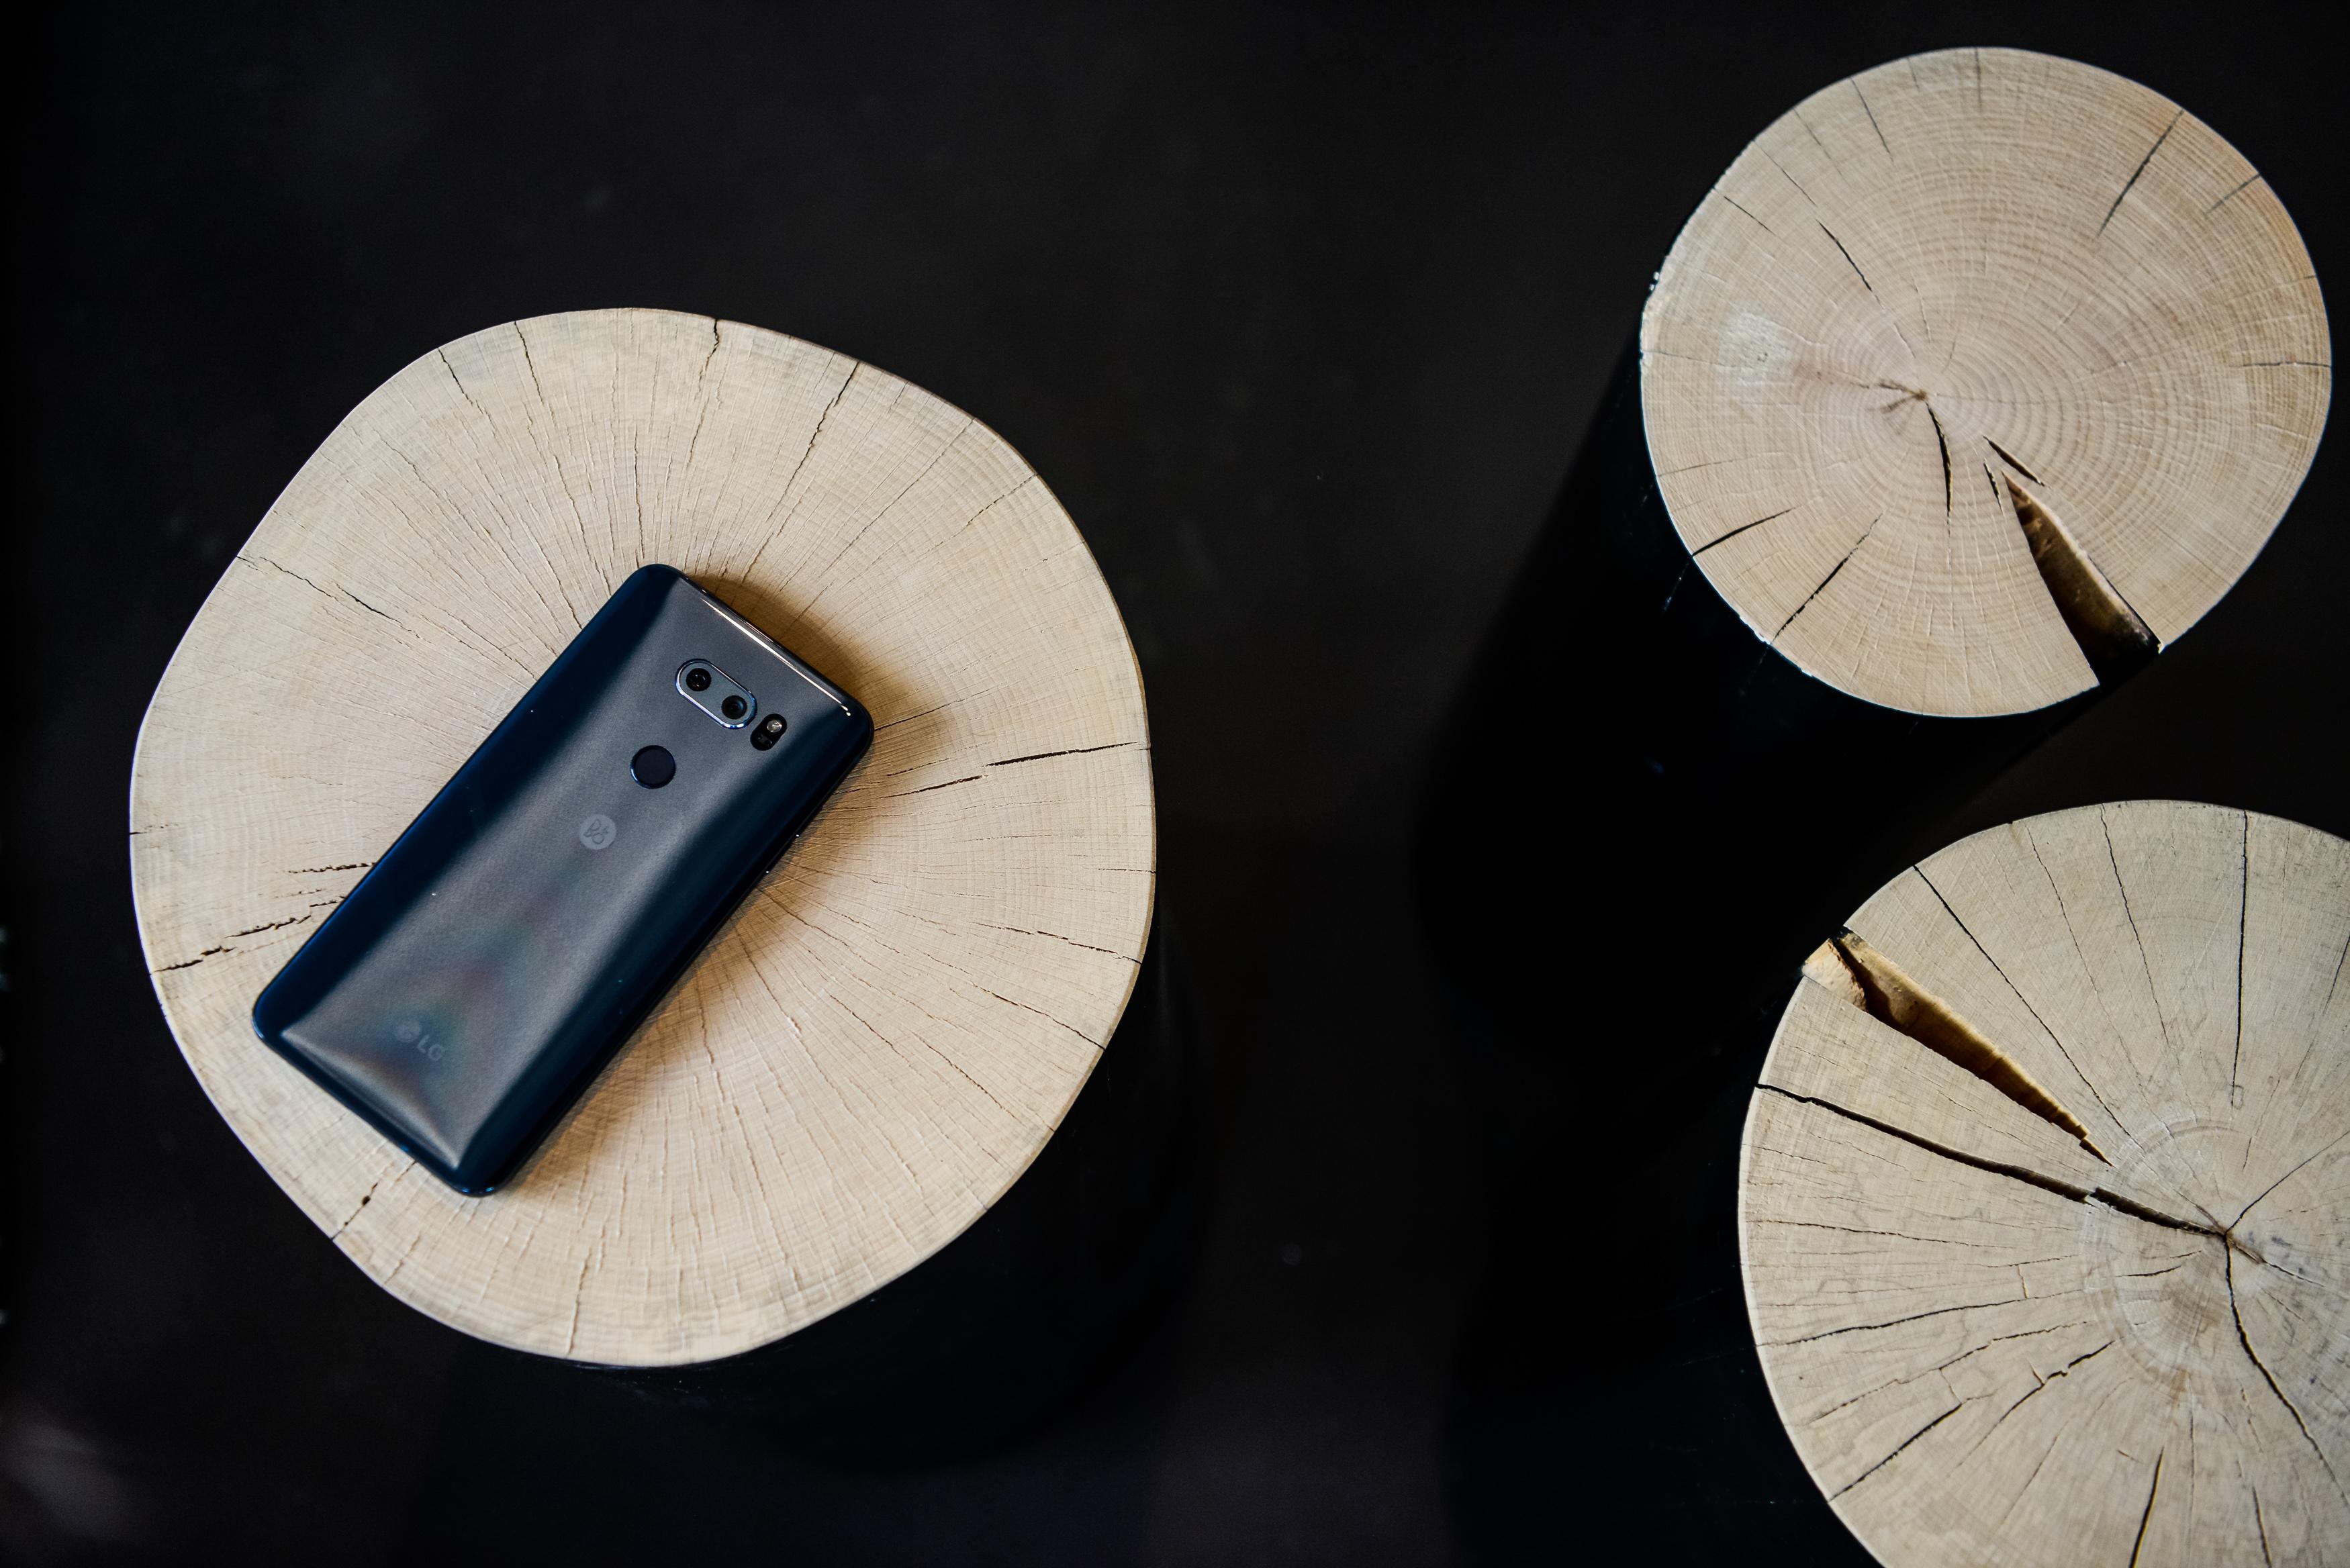 LG  V30 - je zares lep telefon! Kjer so razvijalci obkljukali prav vse kljukice.